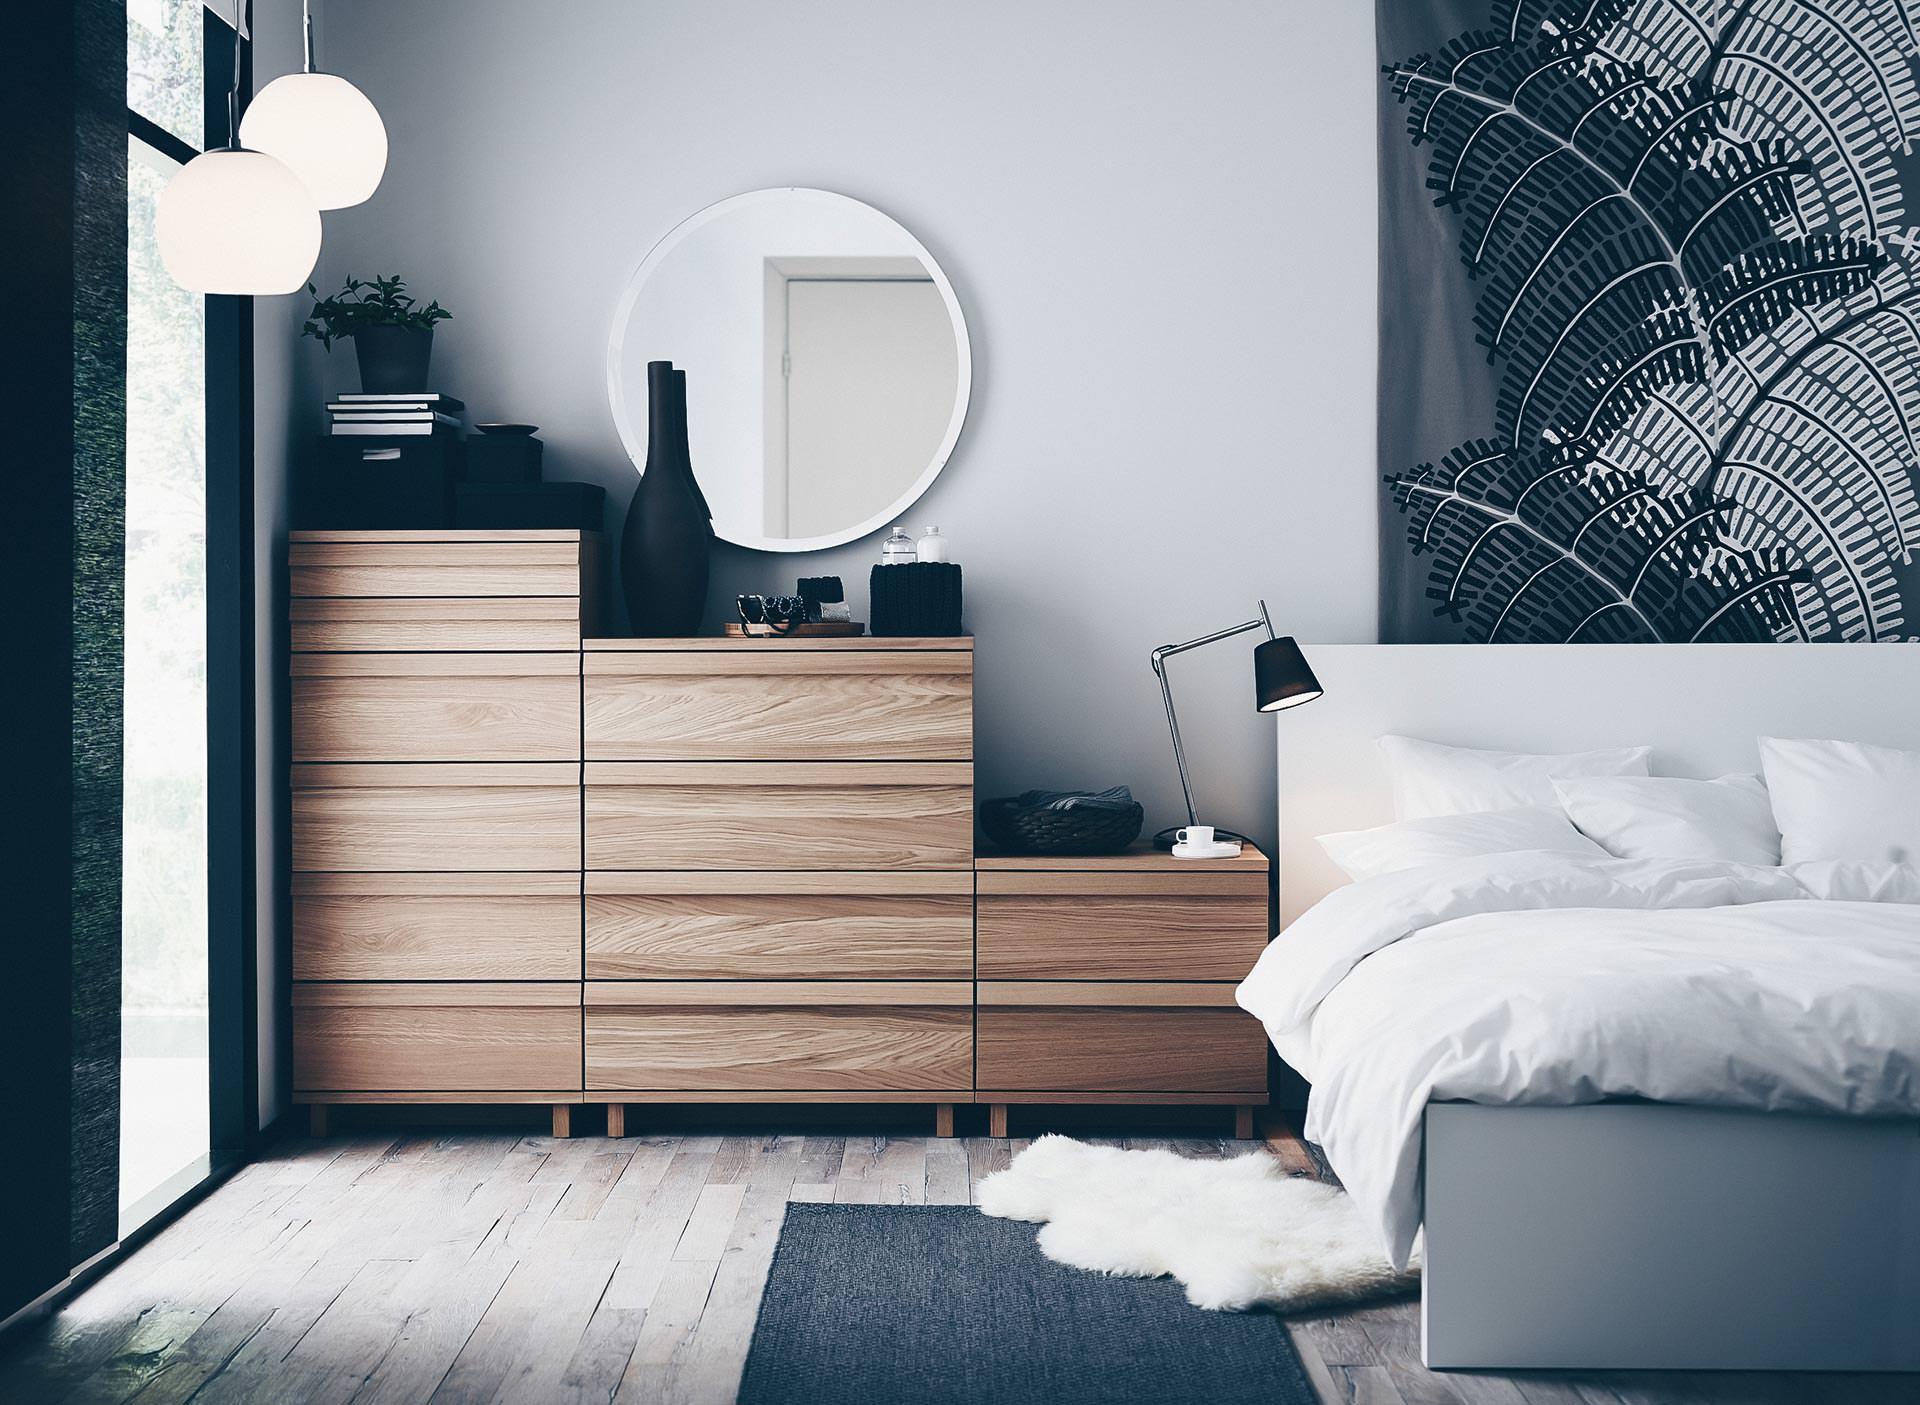 Einrichtungstipps für ein schönes, gemütliches und harmonisches Zuhause, Einrichten mit Ikea Möbeln, Tipps und Ideen für kleine Zimmer, schnelle Tipps die viel bewirken, Wohnung neu einrichten und gestalten, Interior Blog, Magazin, www.whoismocca.com